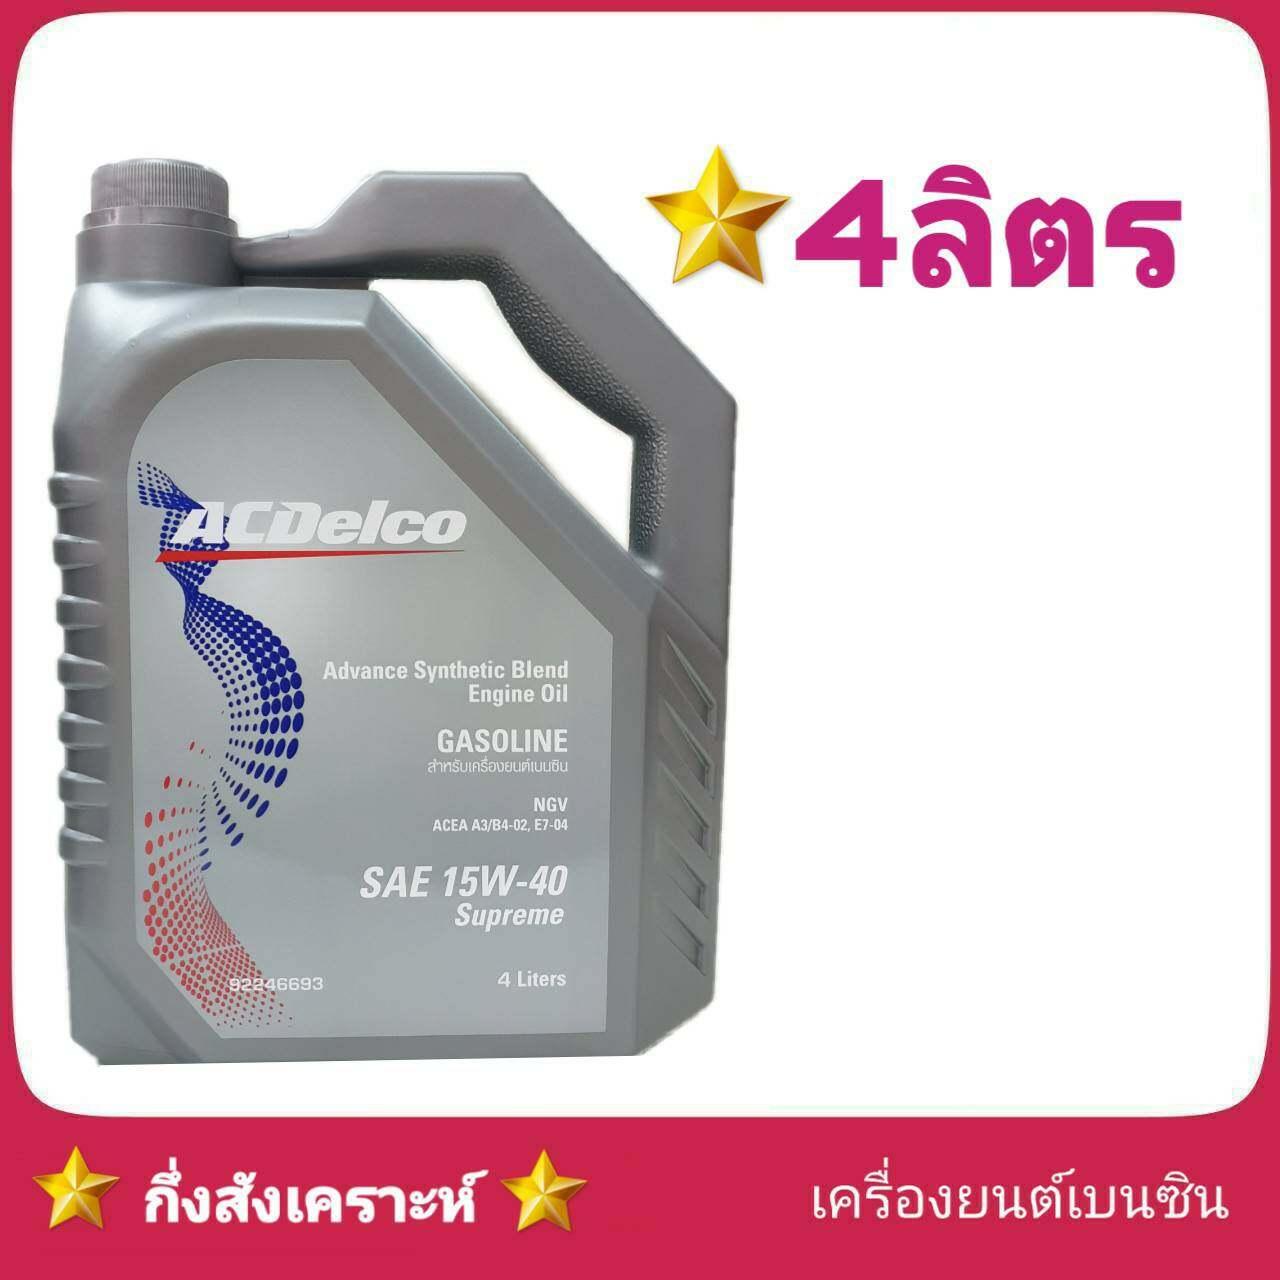 {ส่งฟรี} ACDelco 15W-40 4ลิตร กึ่งสังเคราะห์ เบนซิน GASOLINE